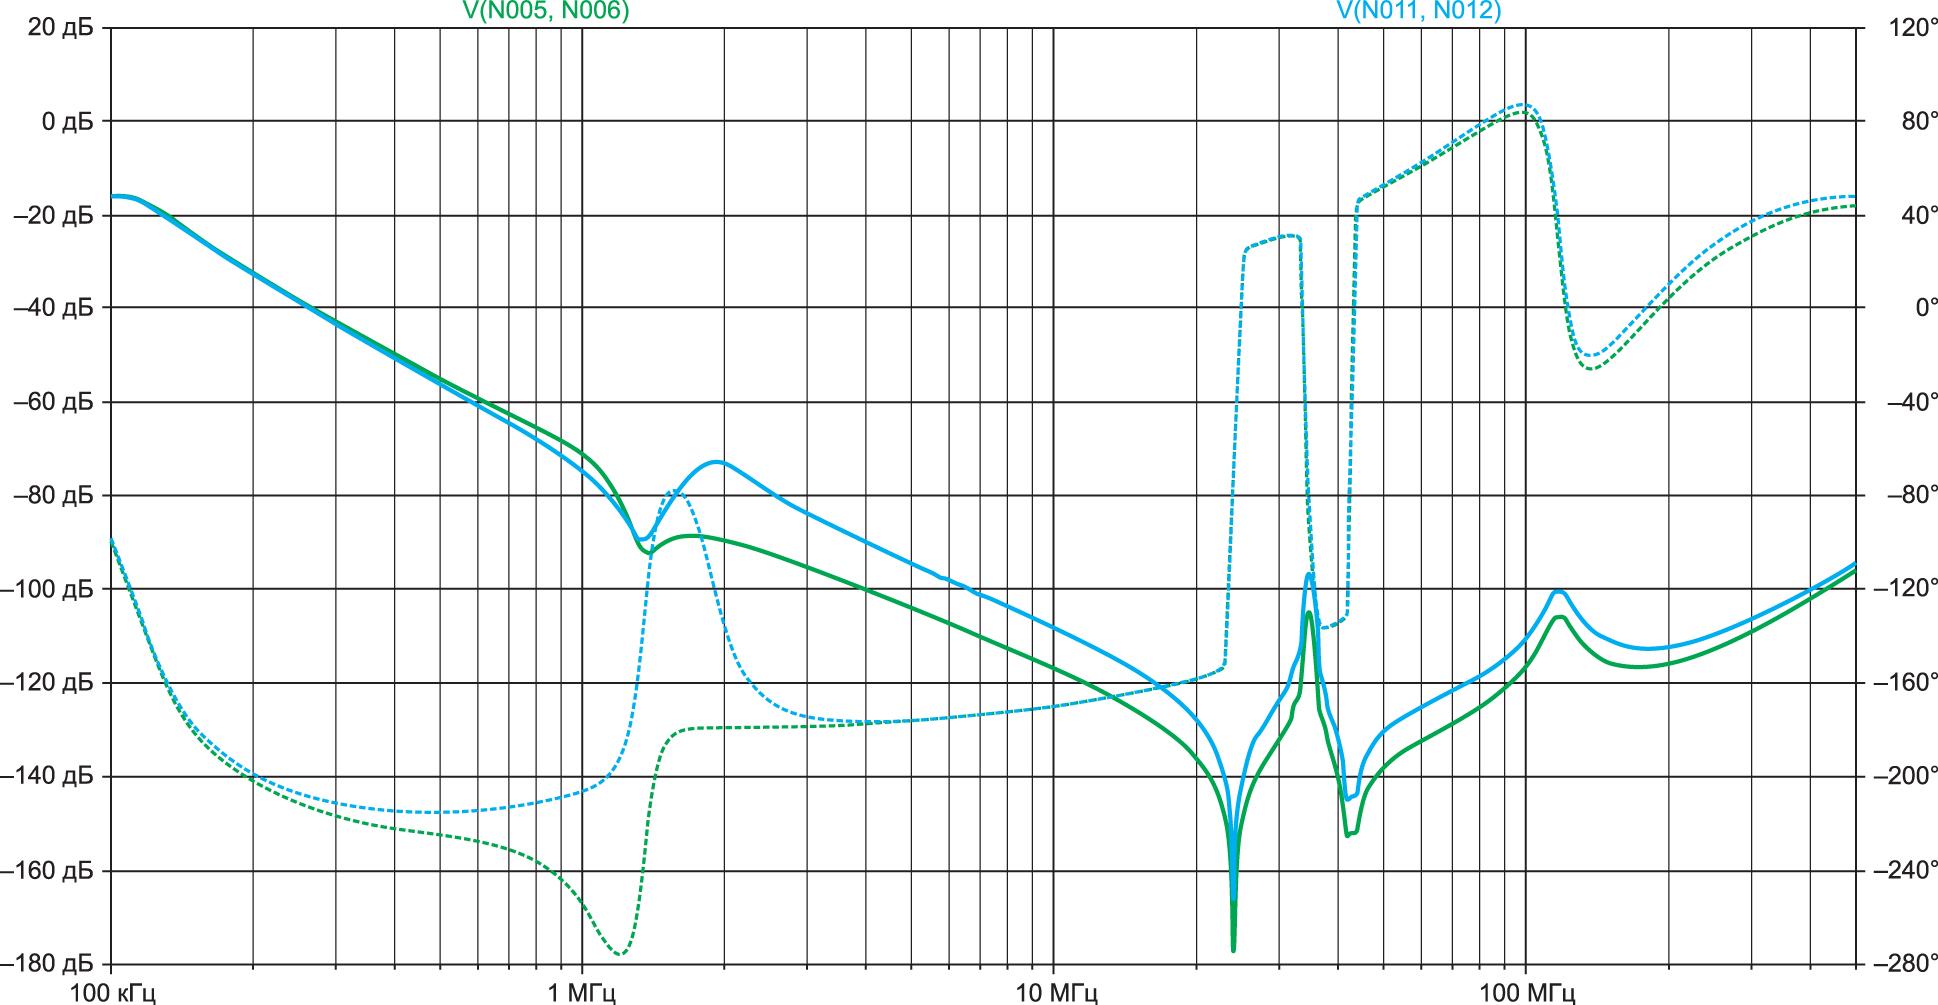 Смоделированное дифференциальное затухание: амплитудно-частотная характеристика (сплошная линия) и фазочастотная характеристика фильтров (пунктирная линия) с учетом влияния паразитных составляющих и неидеальности компонентов